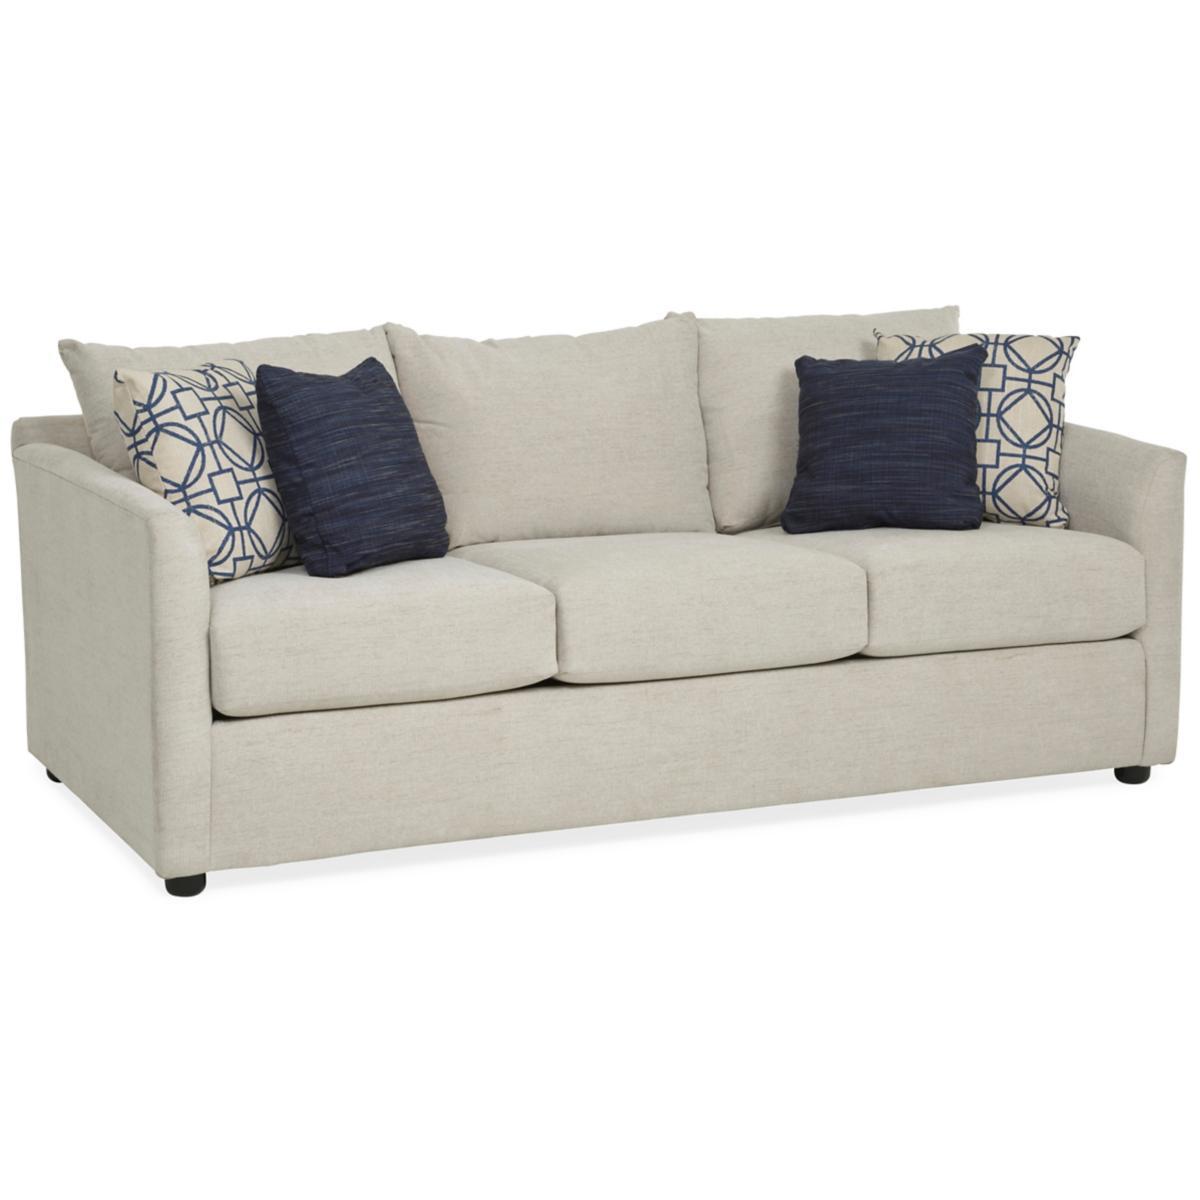 Trisha Yearwood Atlanta Sleeper Sofa